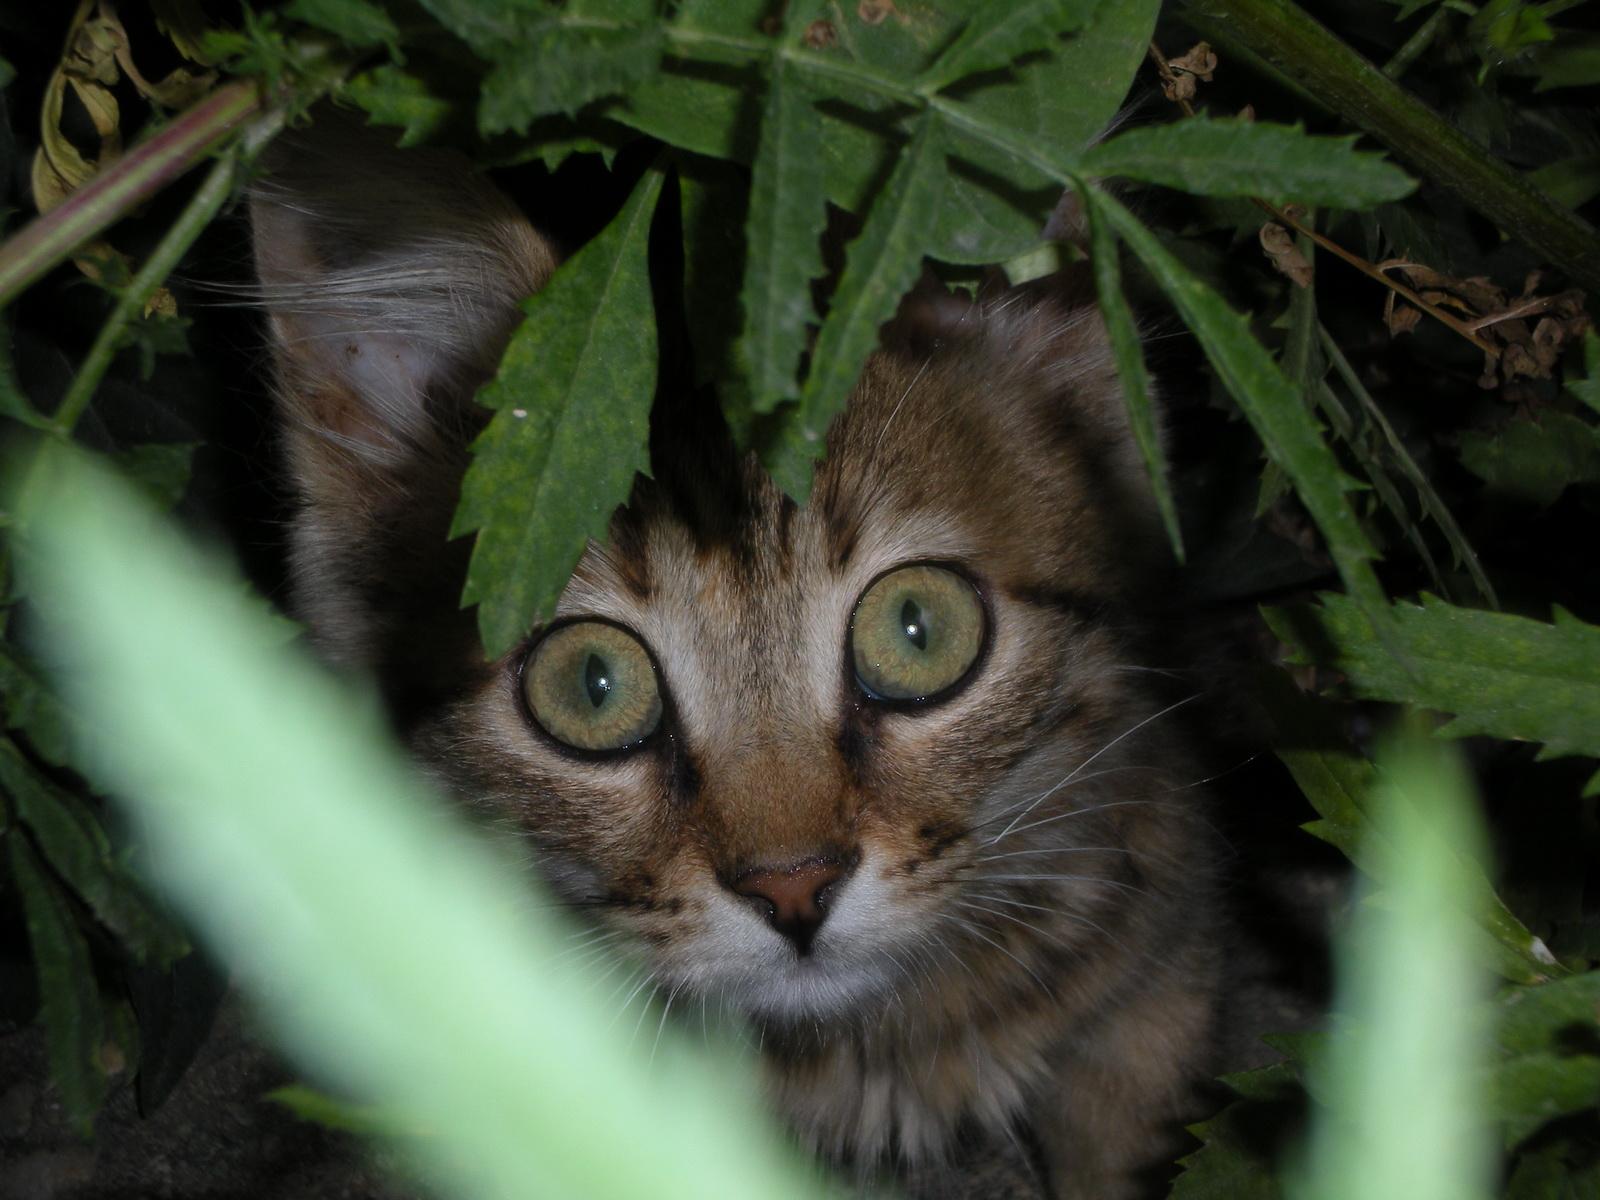 图片标题:动物世界-猫咪特写(1600x1200)